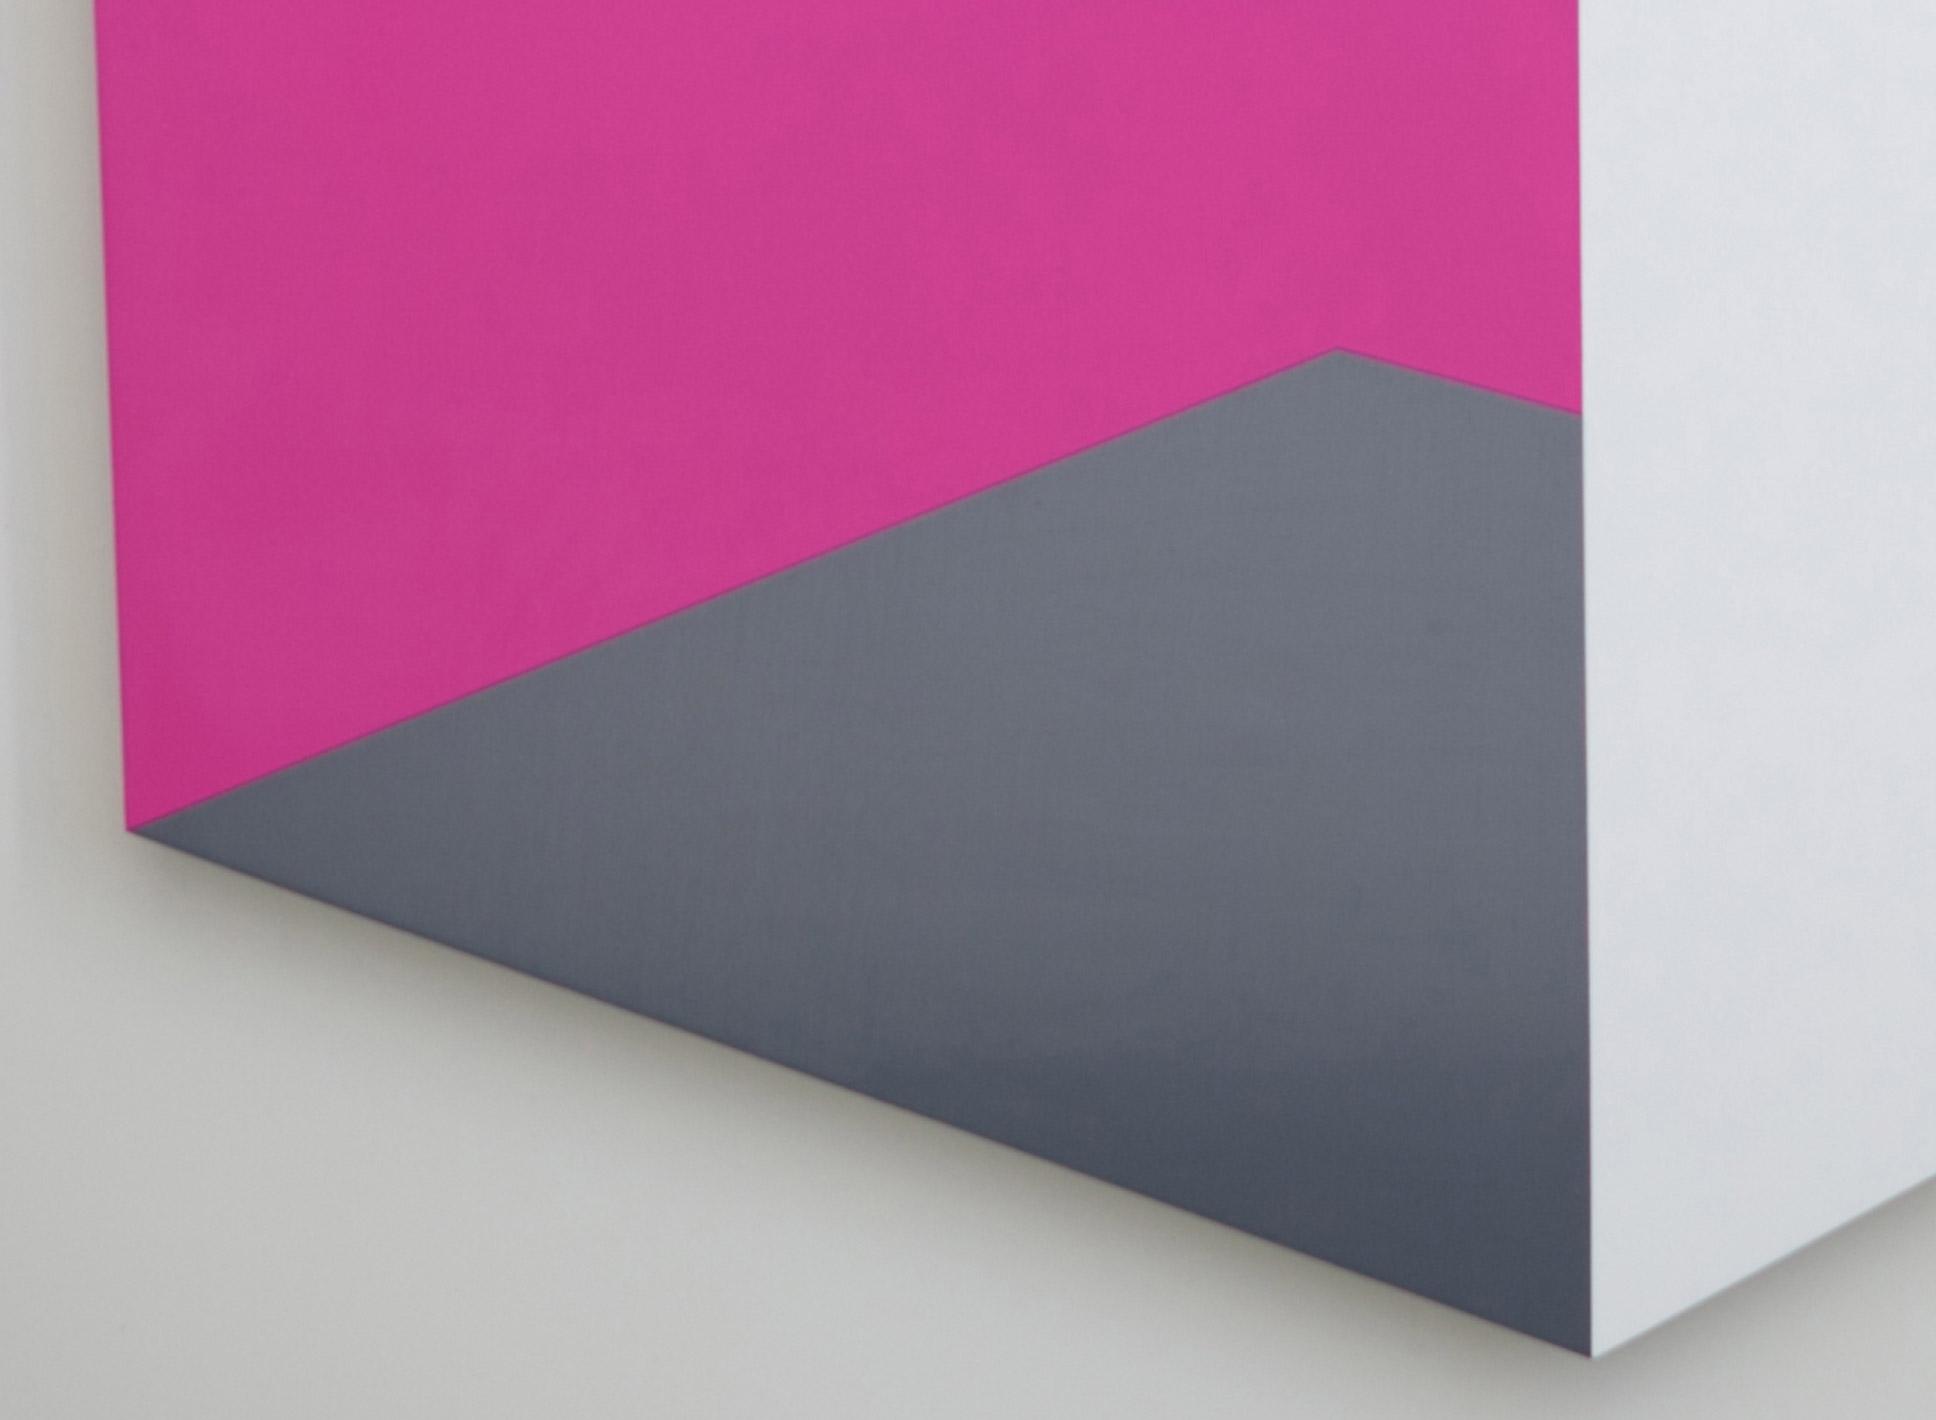 Pinkside-Detail.jpg